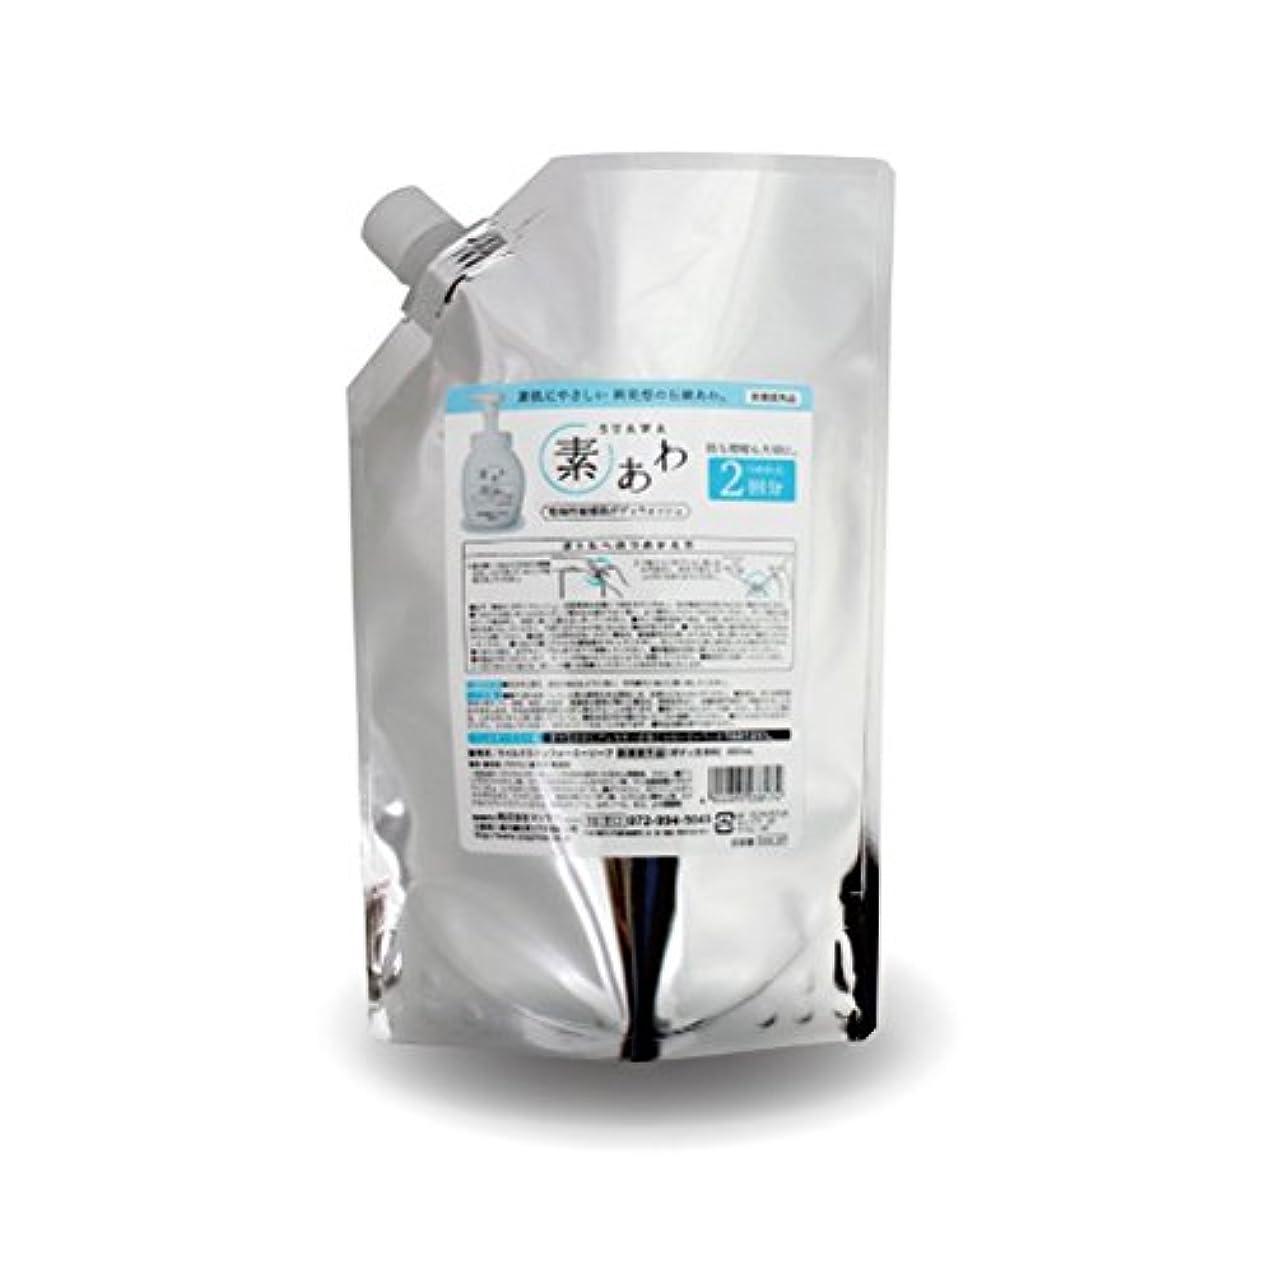 受粉者非効率的な複雑な薬用 素あわ 泡タイプ ボディソープ 詰替2回分パウチ 800mL 乾 燥 肌 ? 敏 感 肌 に